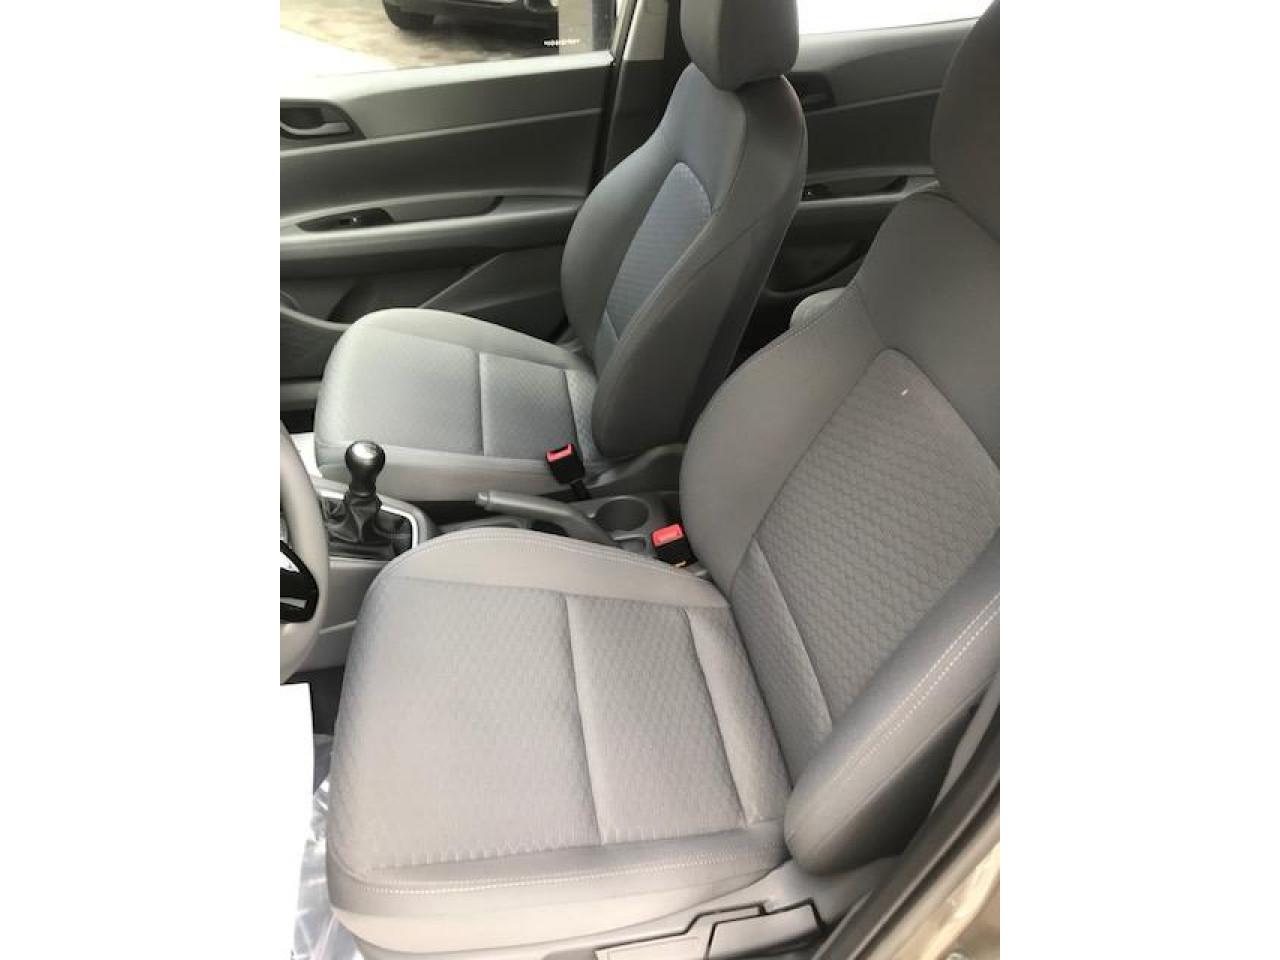 HB 20 Sedan 1.0 12V 4P FLEX VISION